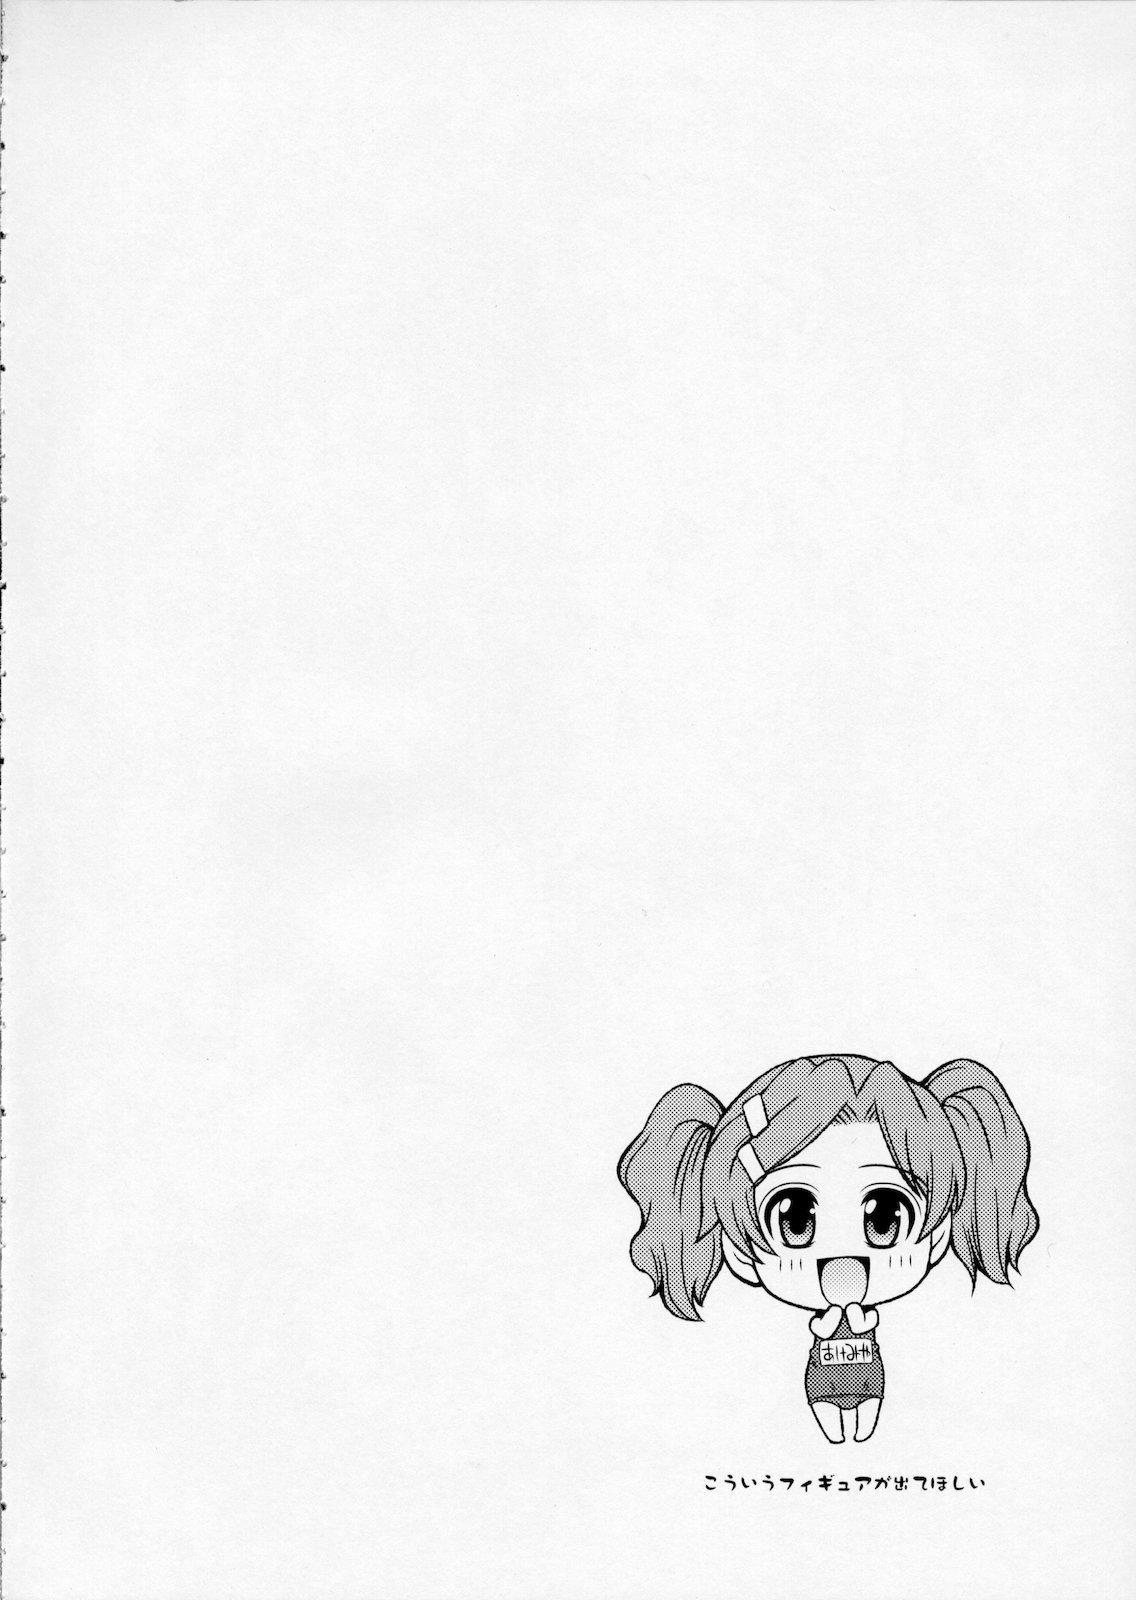 Moshi Honto ni Boku ga Otoko no Ko datta to shitemo... 2